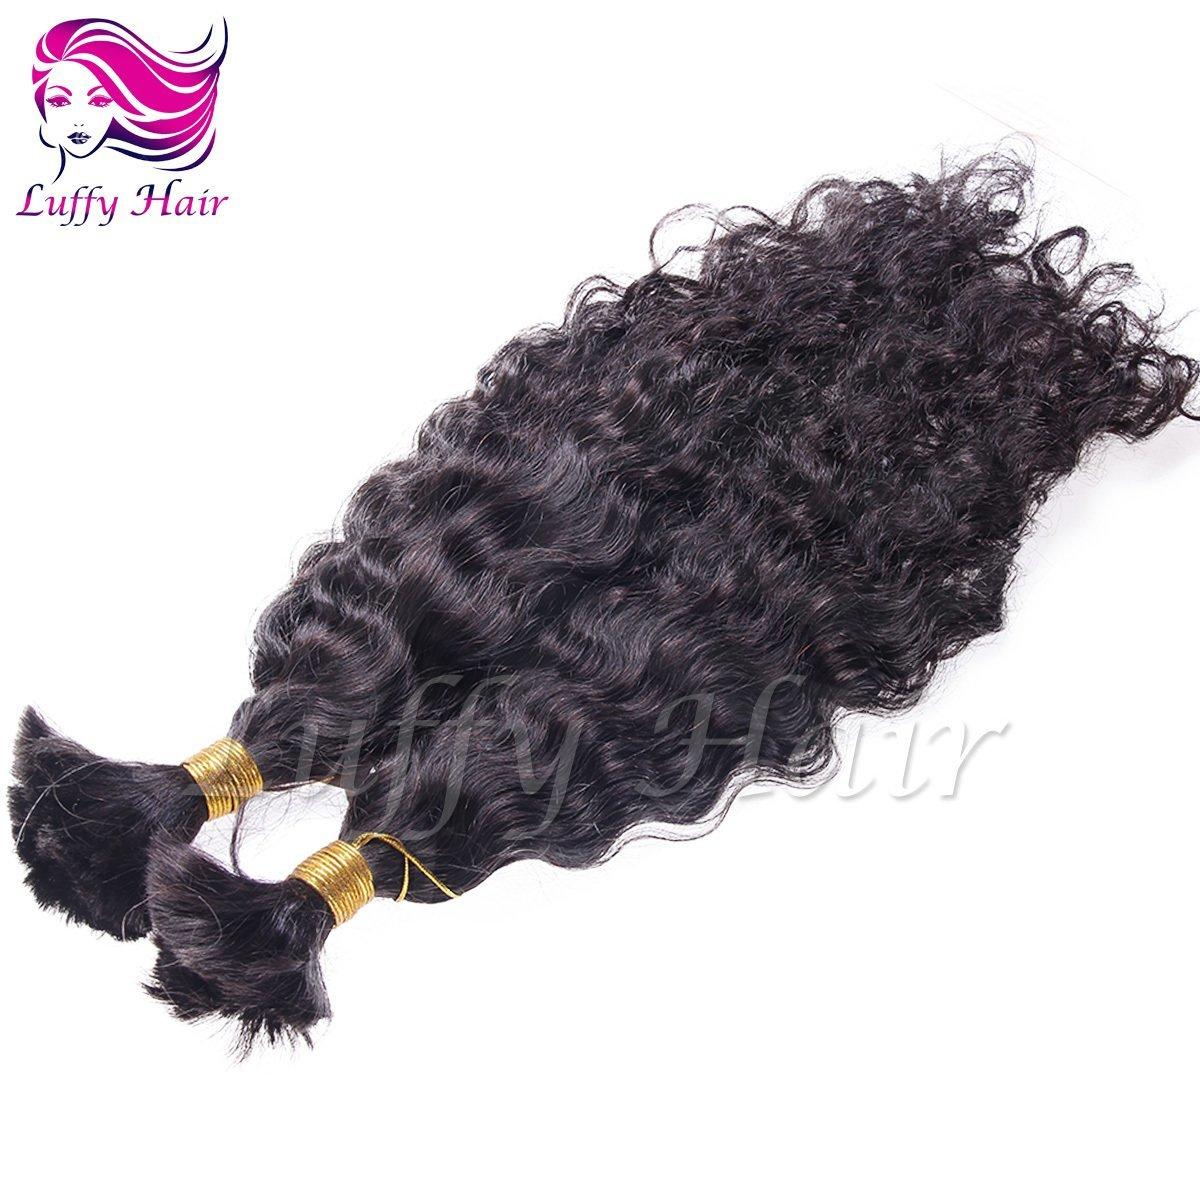 8A Virgin Human Hair Natural Wave Braiding Hair Bulk - KBL004